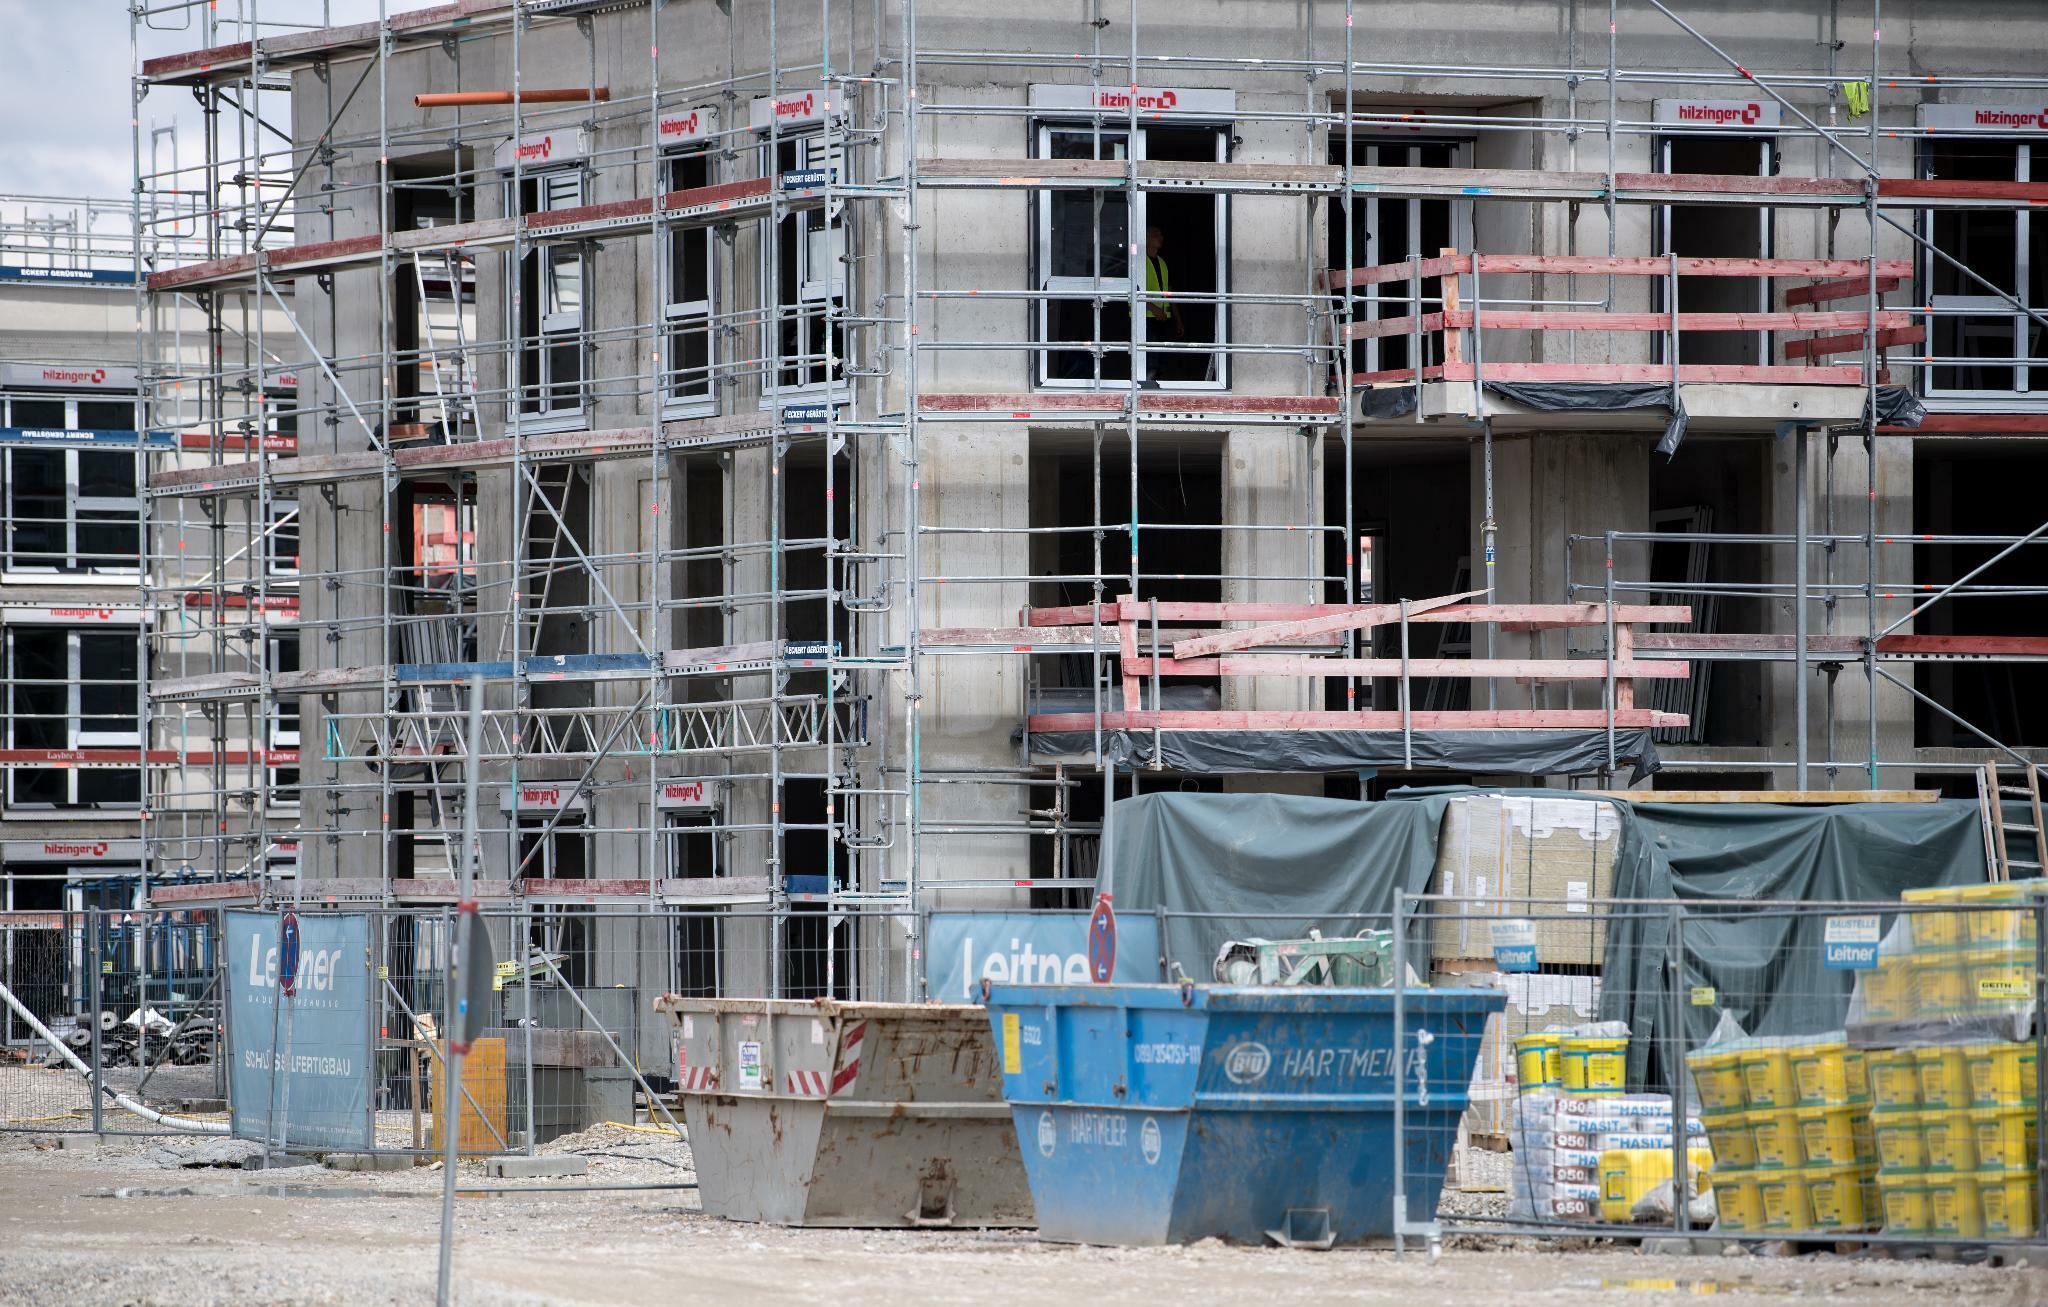 Immobilien: US-Wohnbaubeginne mit größtem Plus seit über zwölf Jahren